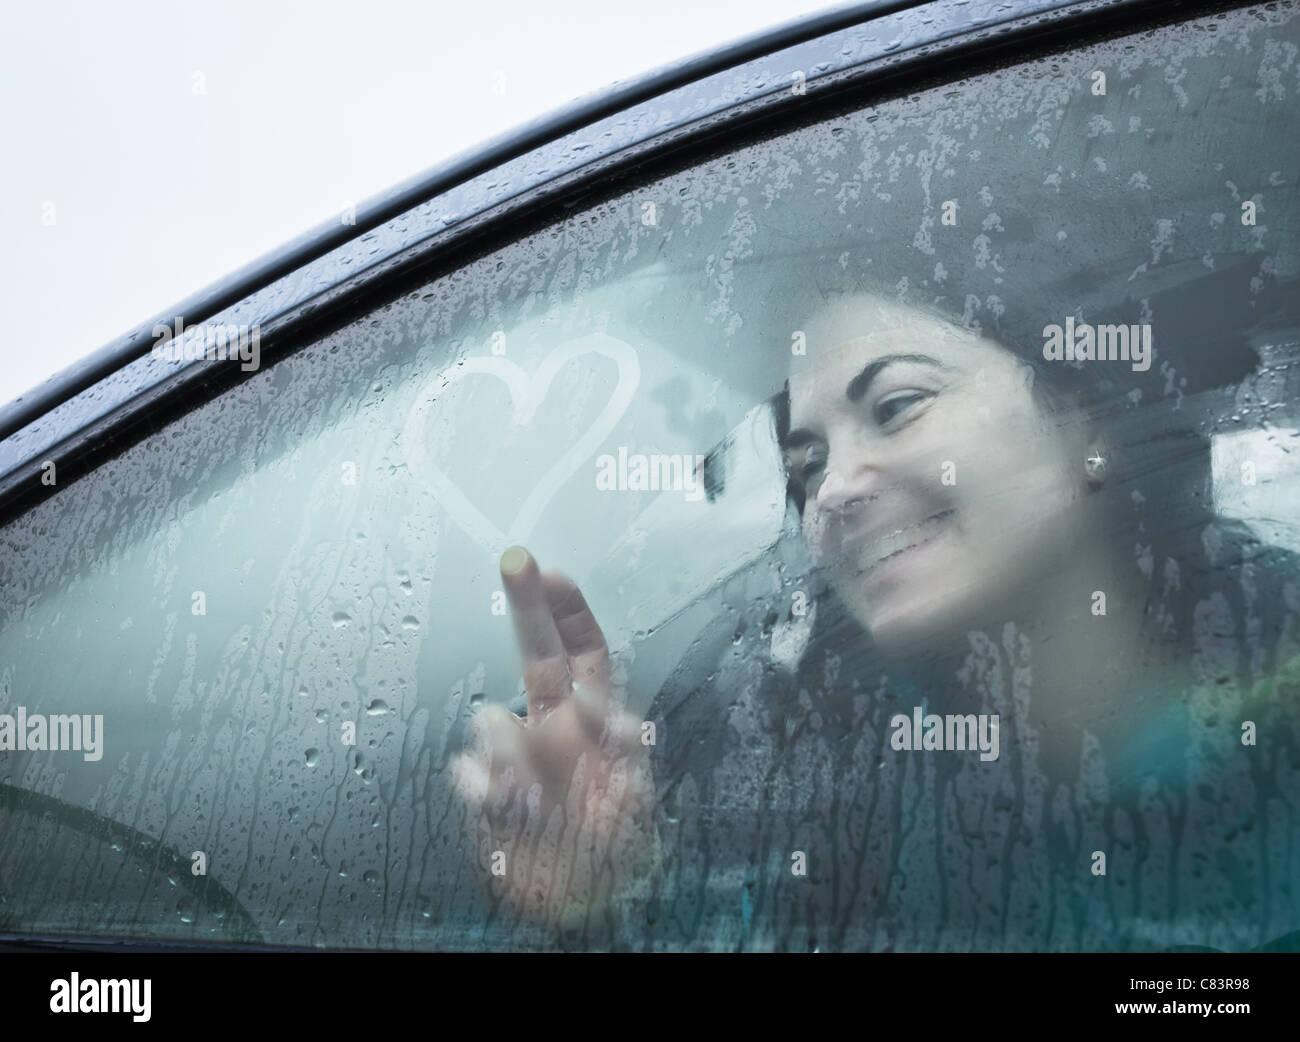 Dibujo de una adolescente sobre mojado car window Imagen De Stock